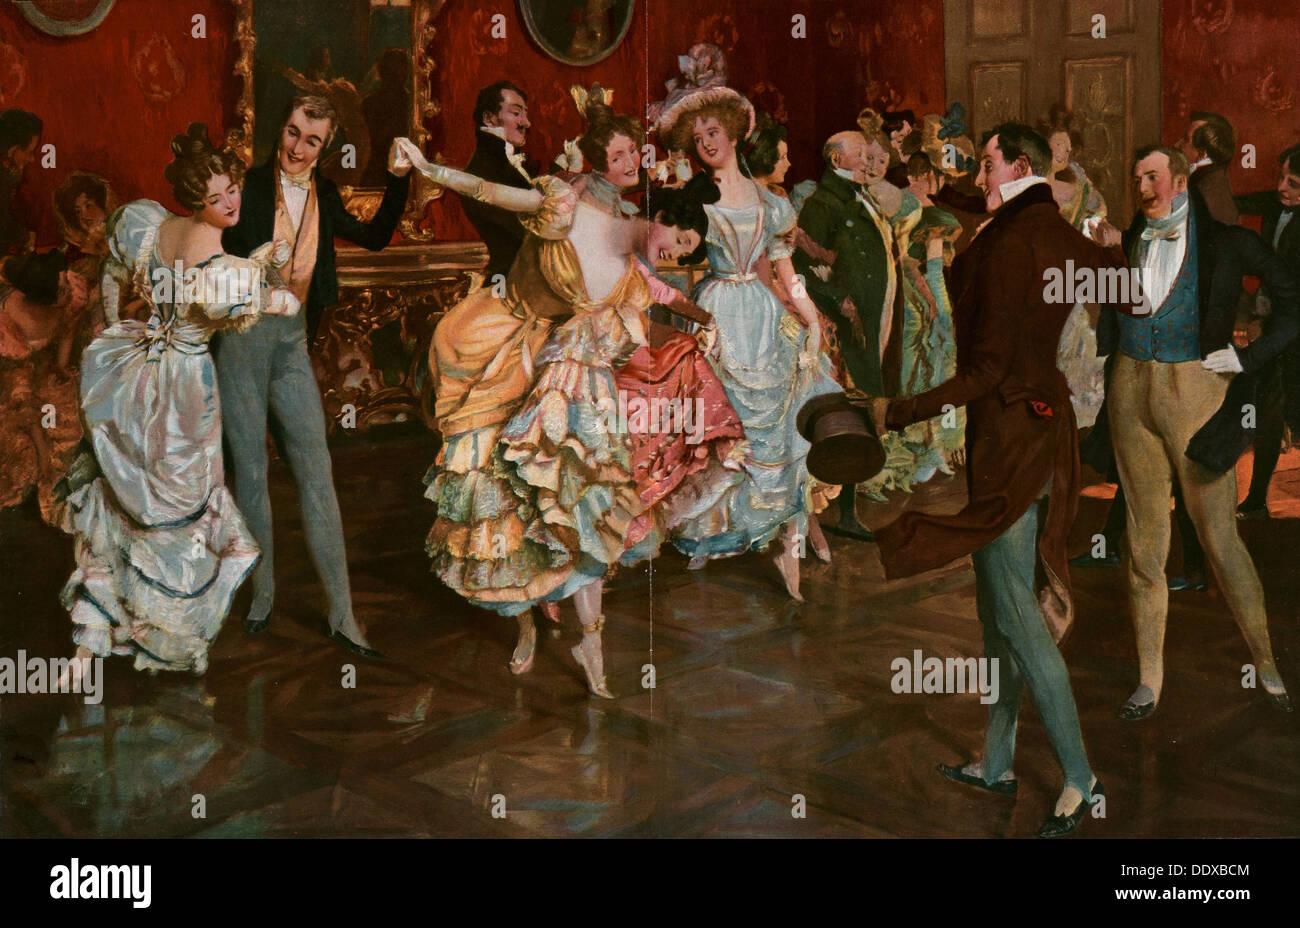 Tanz-Gemälde von Leopold Schmutzler 1864-1941, böhmischer Maler, lebte in Deutschland. tanzen, Tänzer, jung, Bewegung, Stockfoto